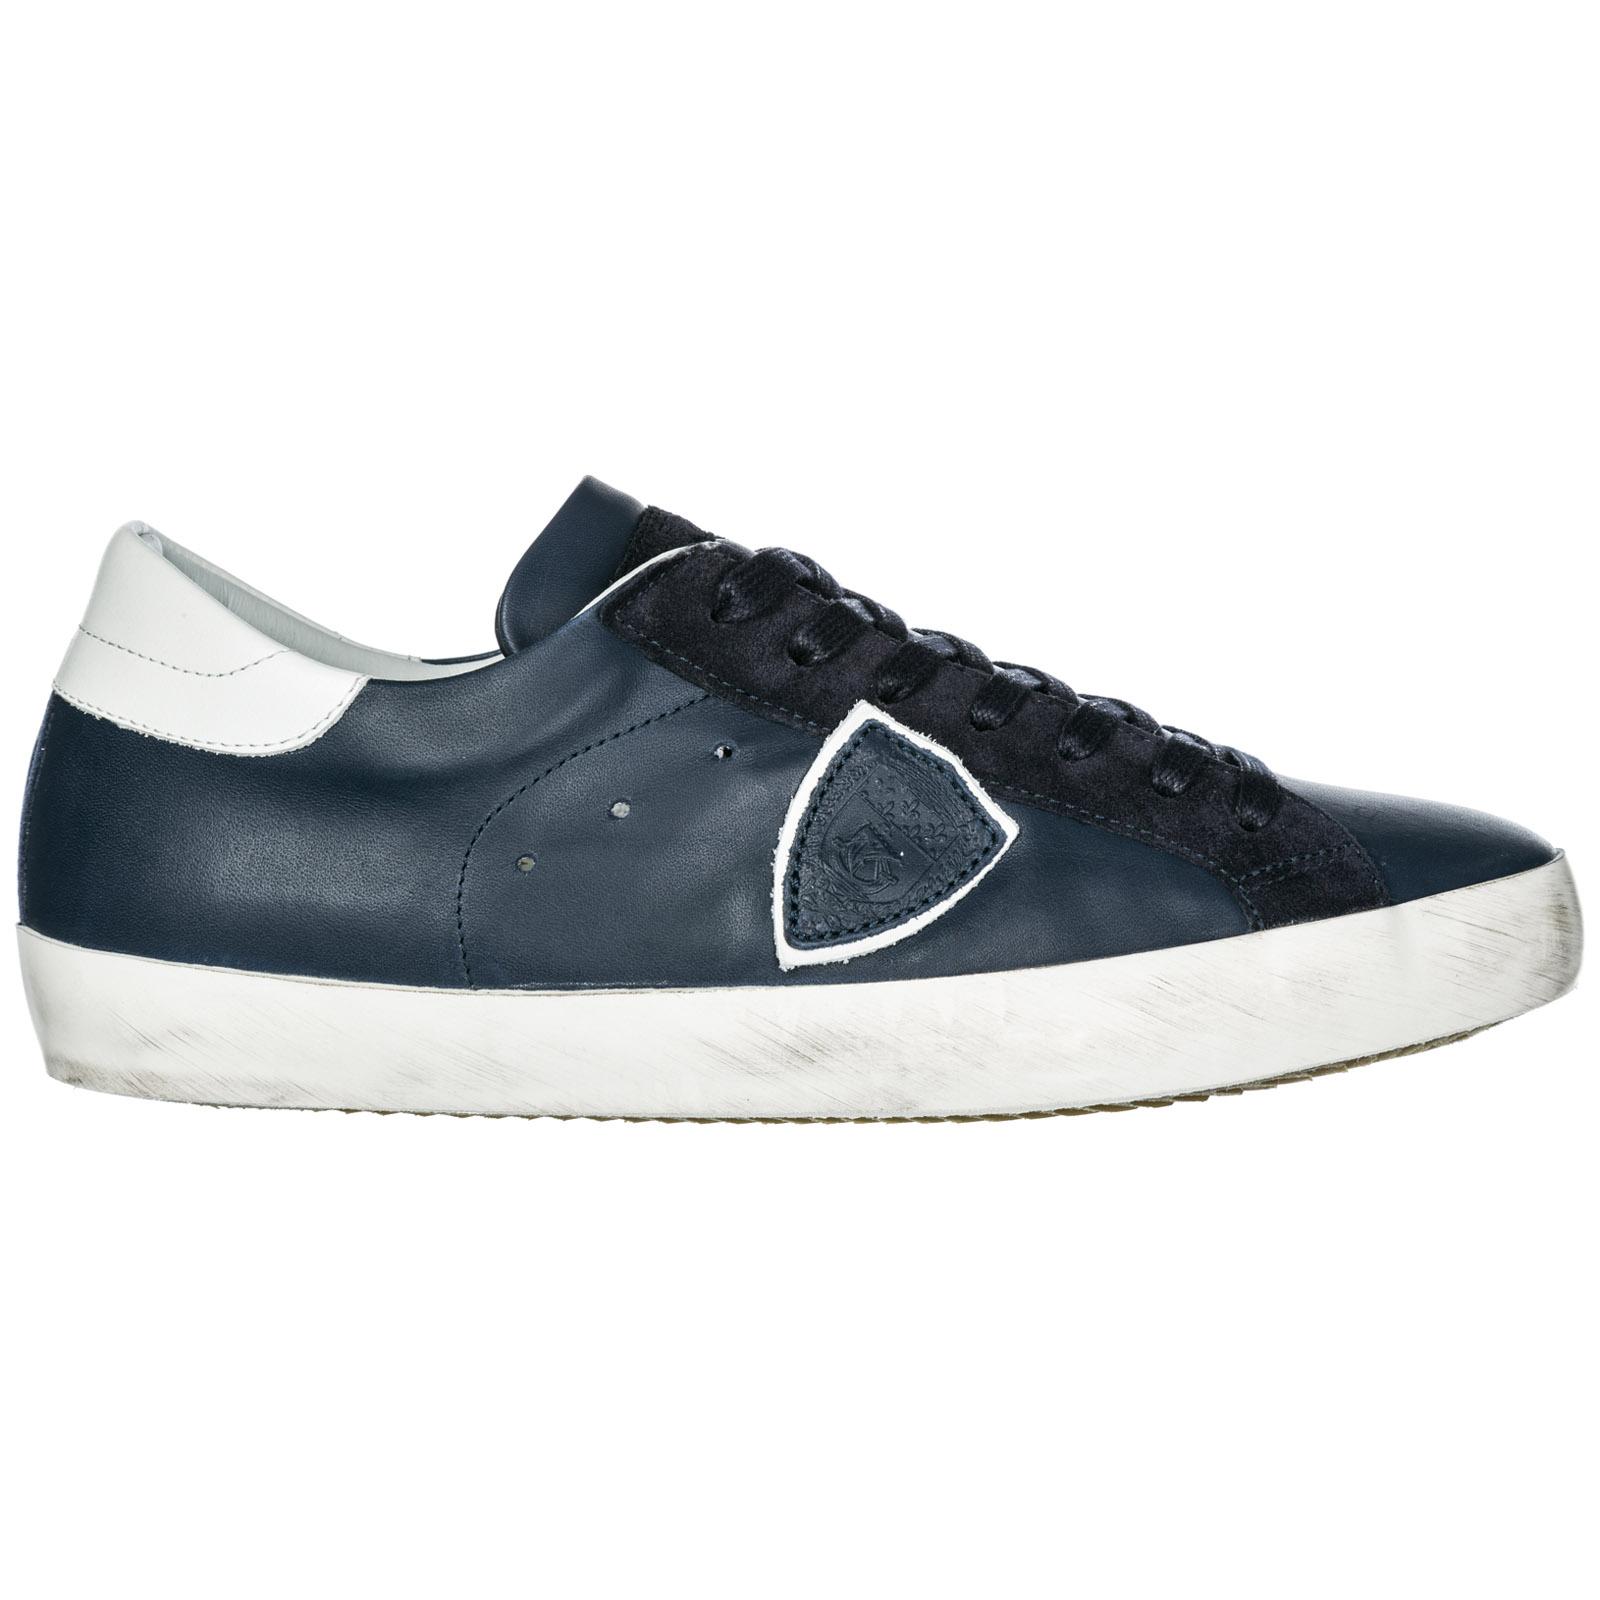 Sneakers Philippe Model Paris A19ECLLUV087 veau bleu  7b73898b089